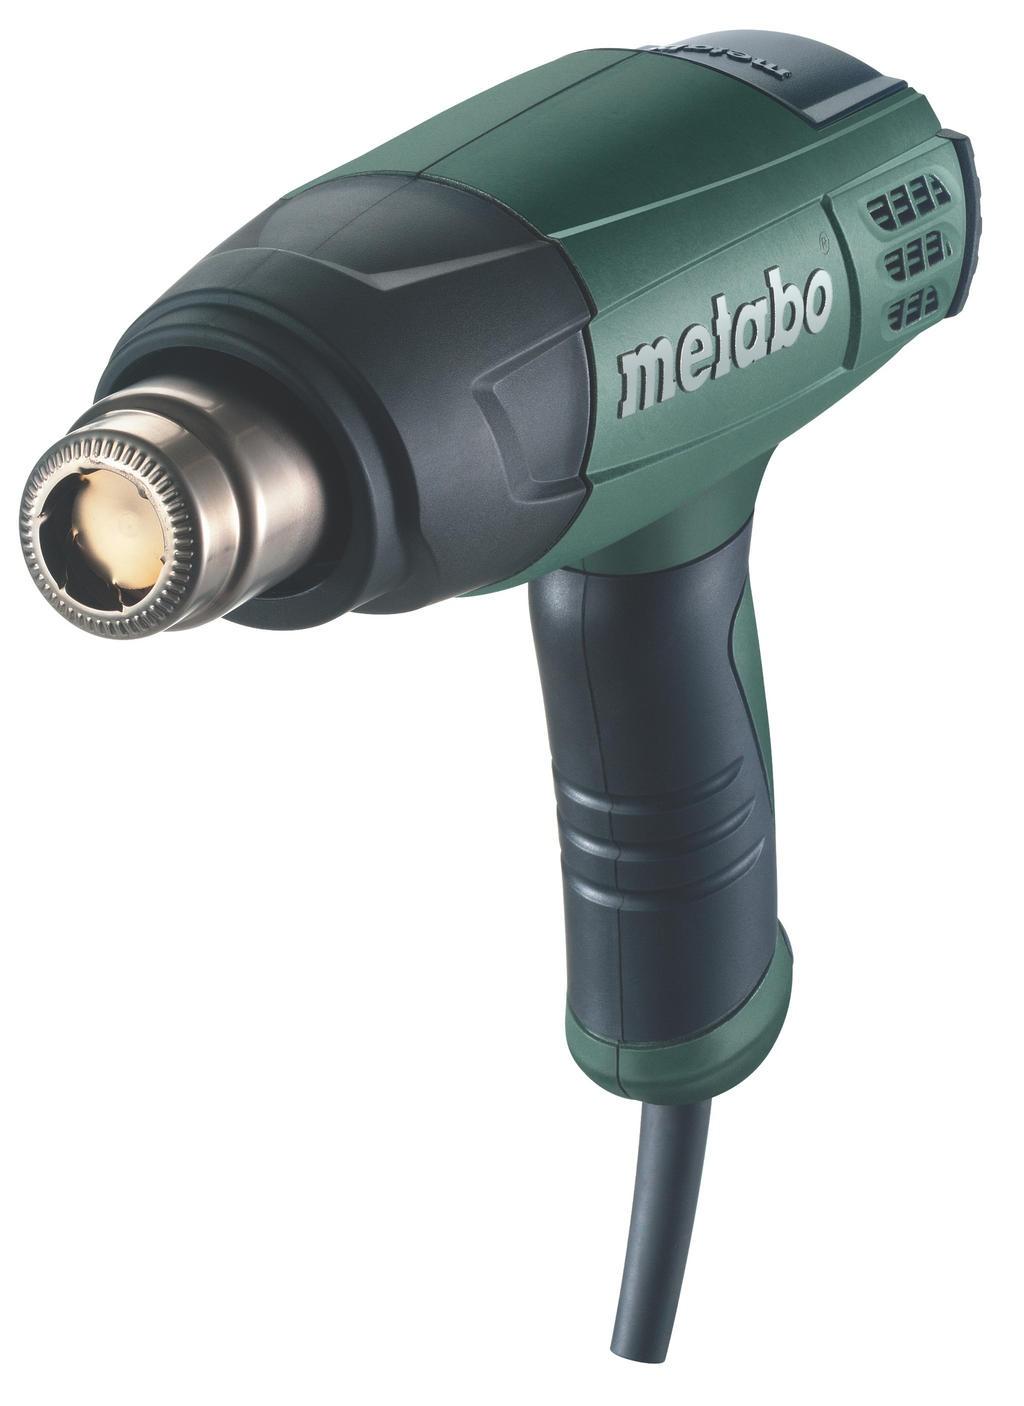 Metabo H 16-500 (601650000) - технический фен (Green) от iCover